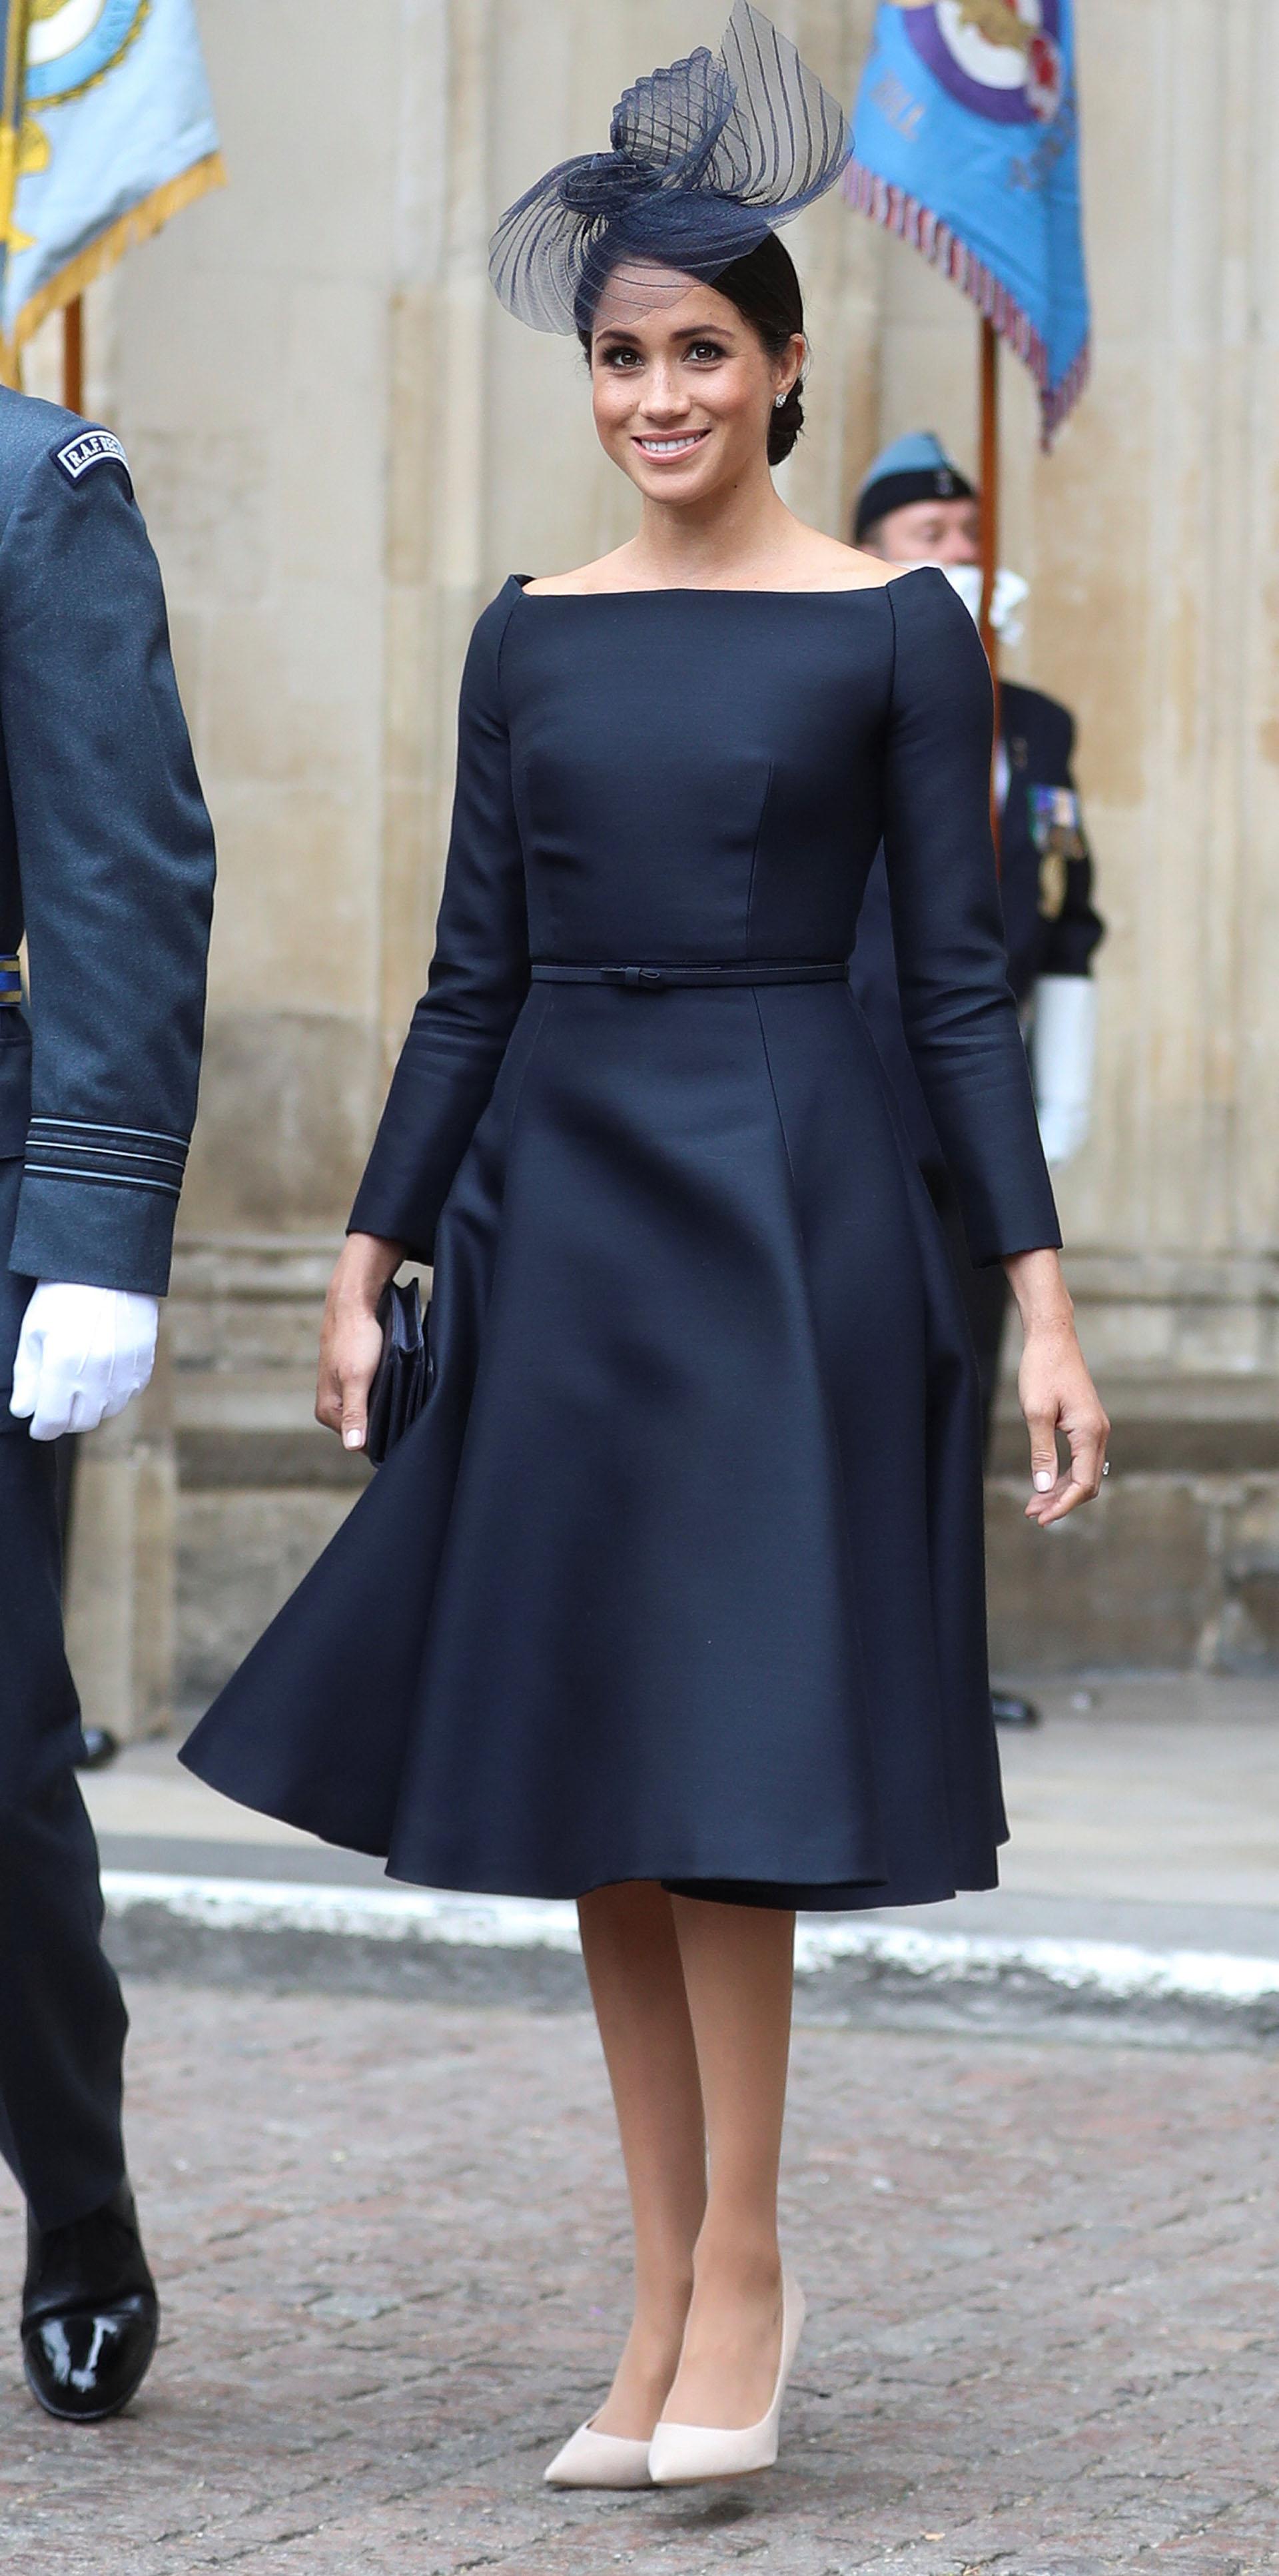 Sin embargo y a pesar de lucir muy elegante, la elección de un vestido negro (combinado con stilettos claros) durante un evento diurno no pareció ser la más acertada